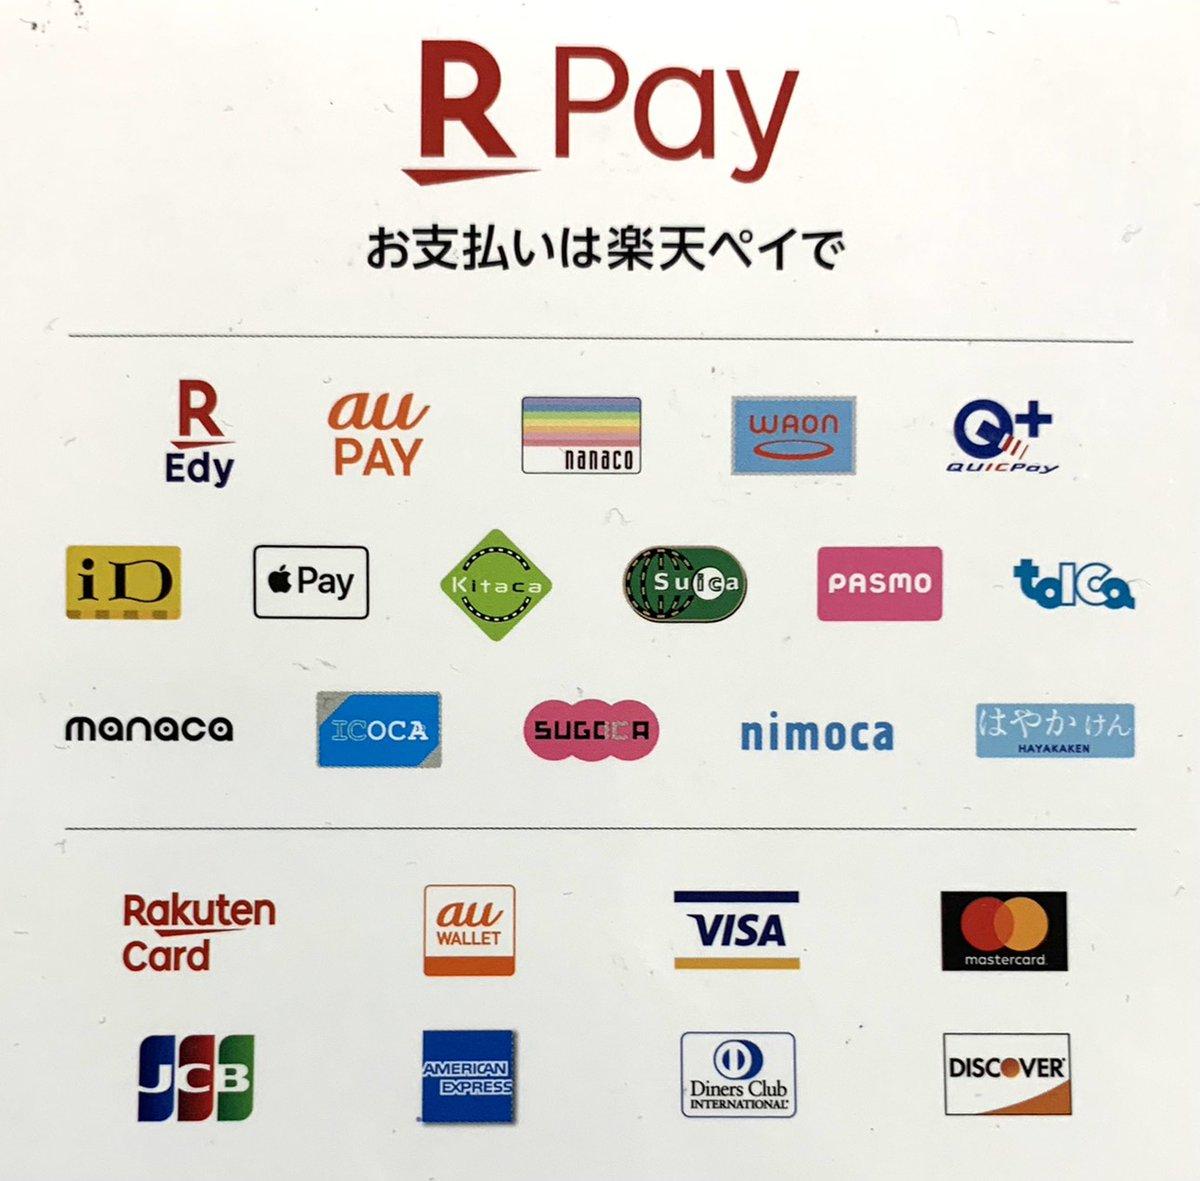 11/22(日)『11.22 Zeppでライブだよ』グッズ売場では,現金クレジットカード,電子マネー,PayPay,LINE Payがご利用いただけます(クレジットカード,電子マネーは会場の電波状況によってご利用いただけない場合がございます。詳しくは直接会場にてスタッフにお問い合わせください。)#taskhavefun